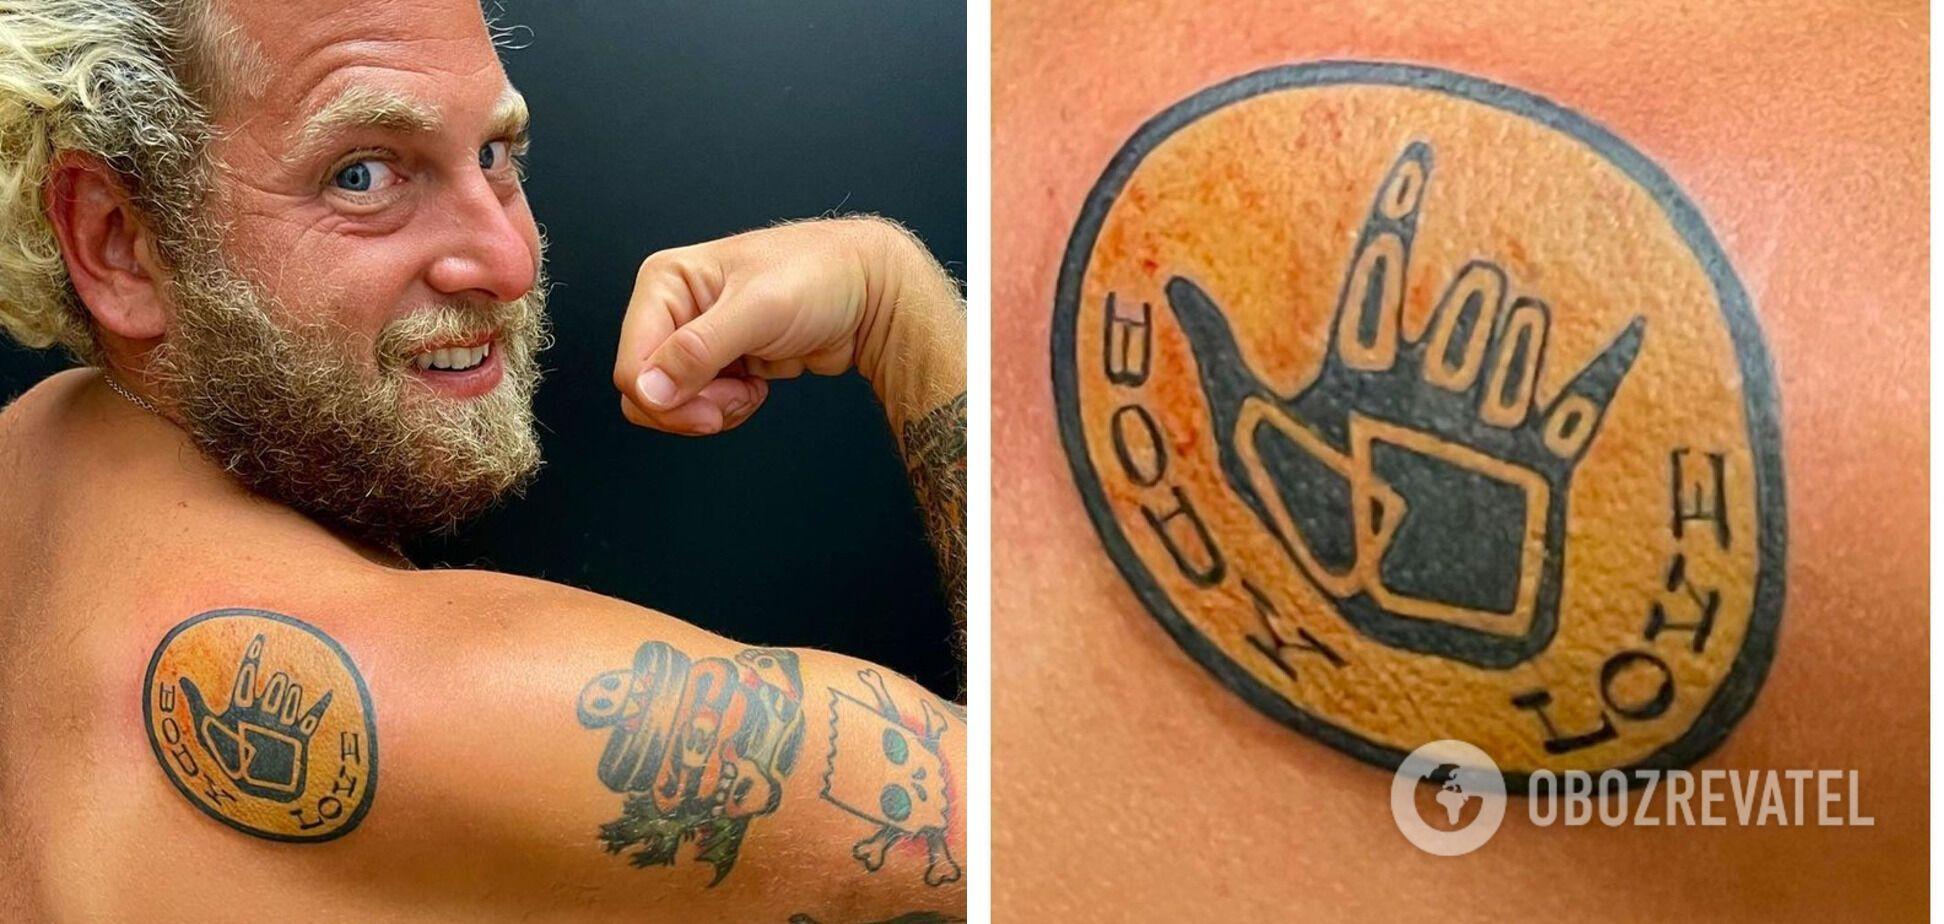 Джона Хилл набил бодипозитивную татуировку.